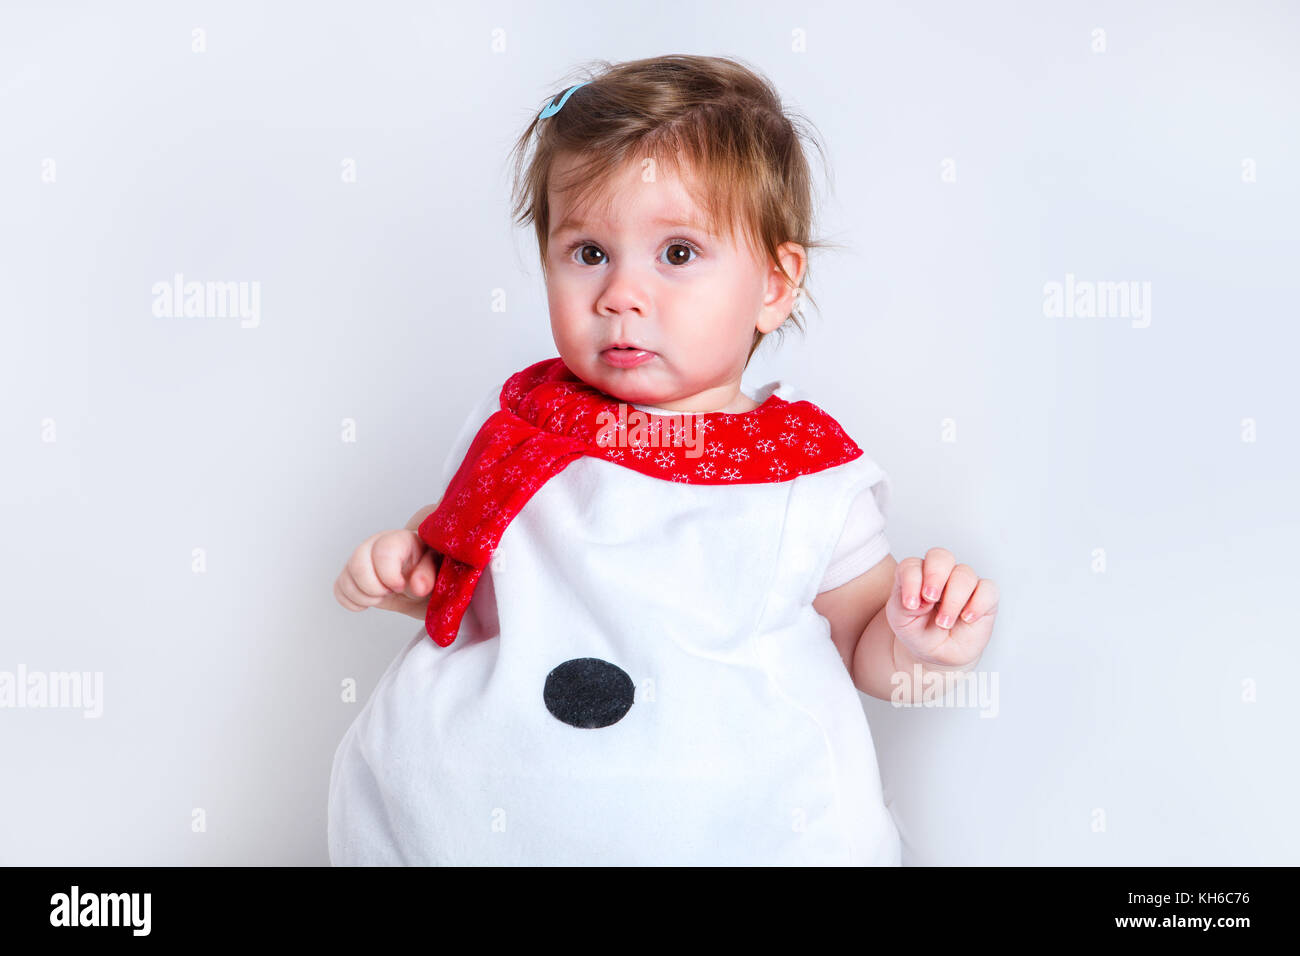 4b6b2d684ebda Bébé fille attrayante étonné en costume de Noël s amusant . close-up  portrait petite fille en costume de bonhomme